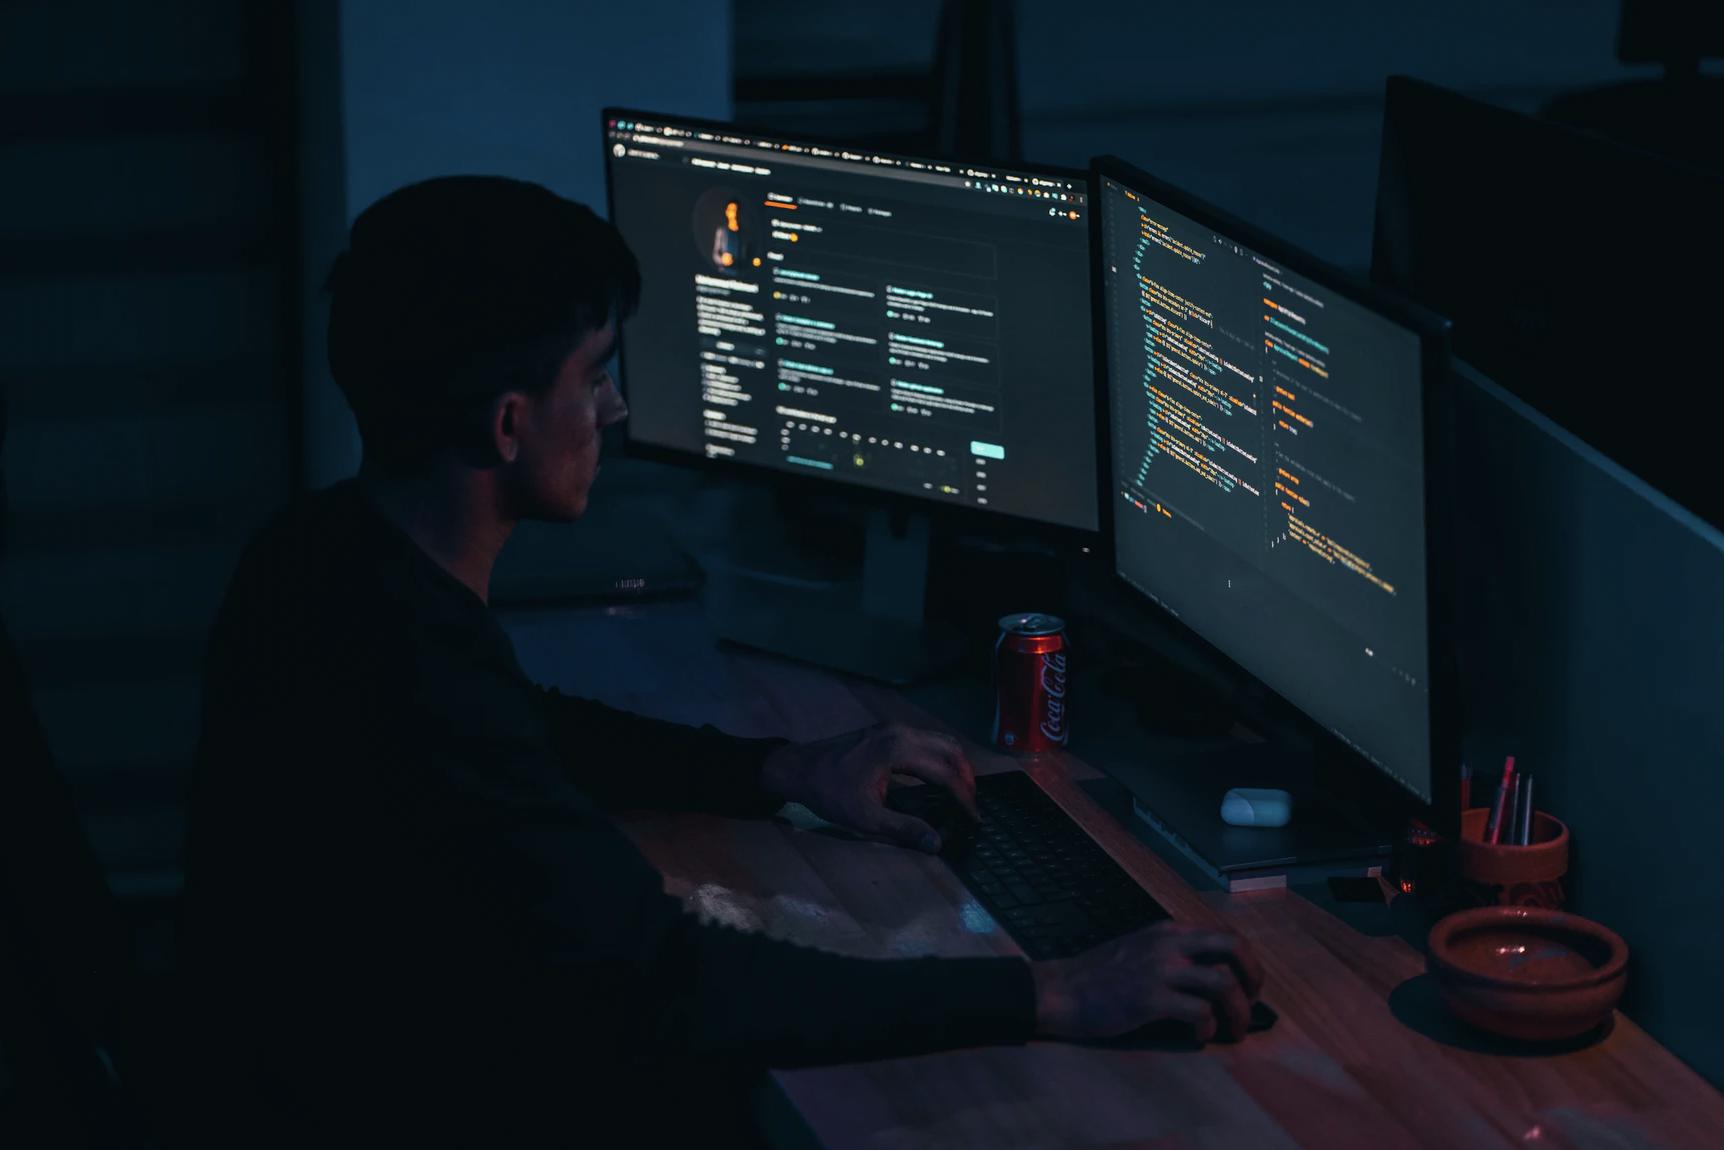 Cisco prezentuje podsumowanie najważniejszych trendów z zakresu cyberbezpieczeństwa oraz krajobraz zagrożeń w 2021 roku